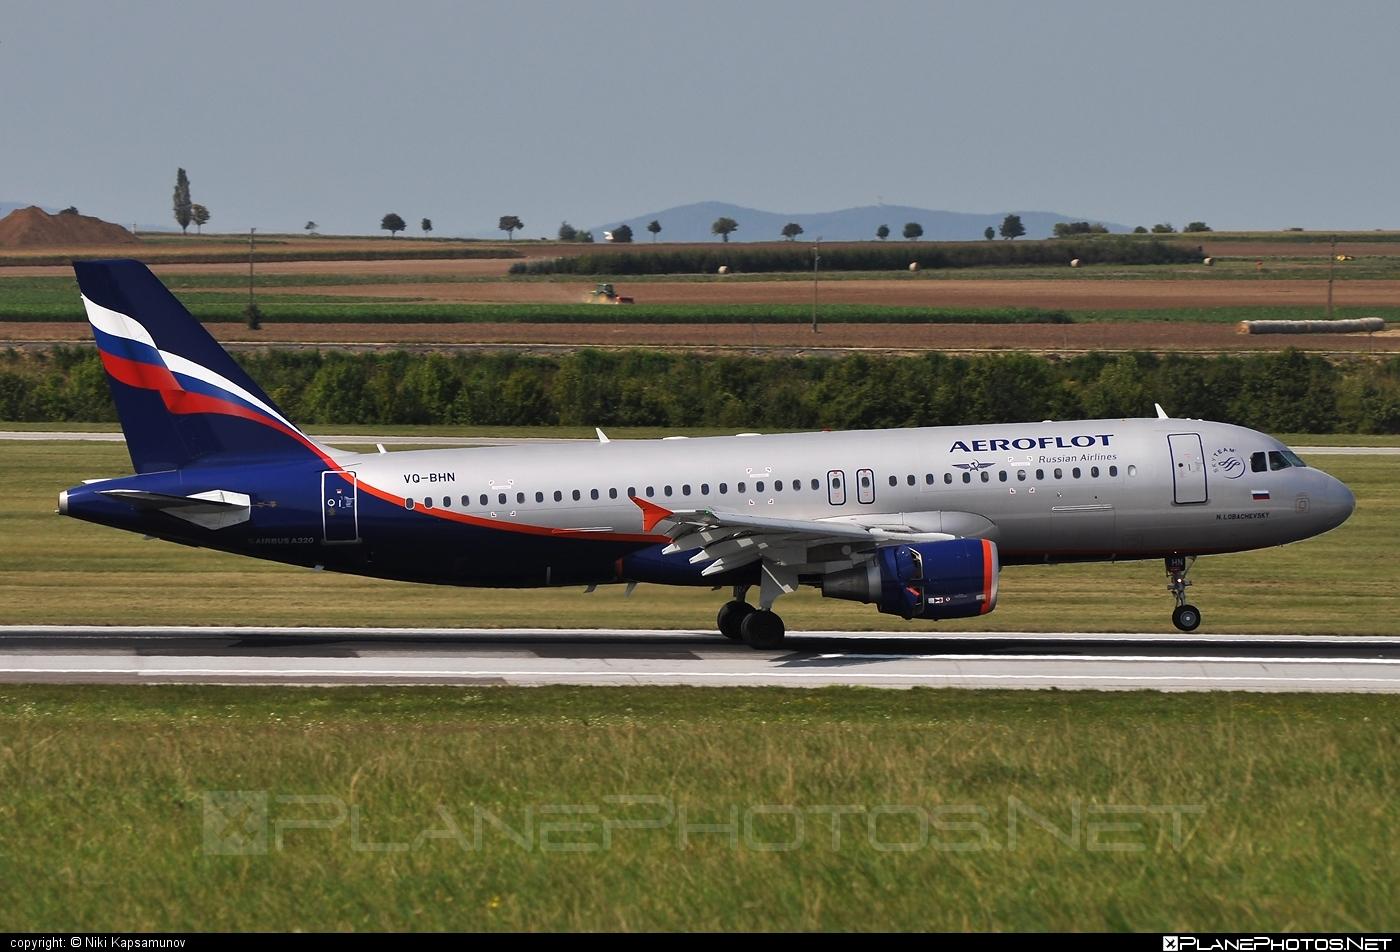 Airbus A320-214 - VQ-BHN operated by Aeroflot #a320 #a320family #aeroflot #airbus #airbus320